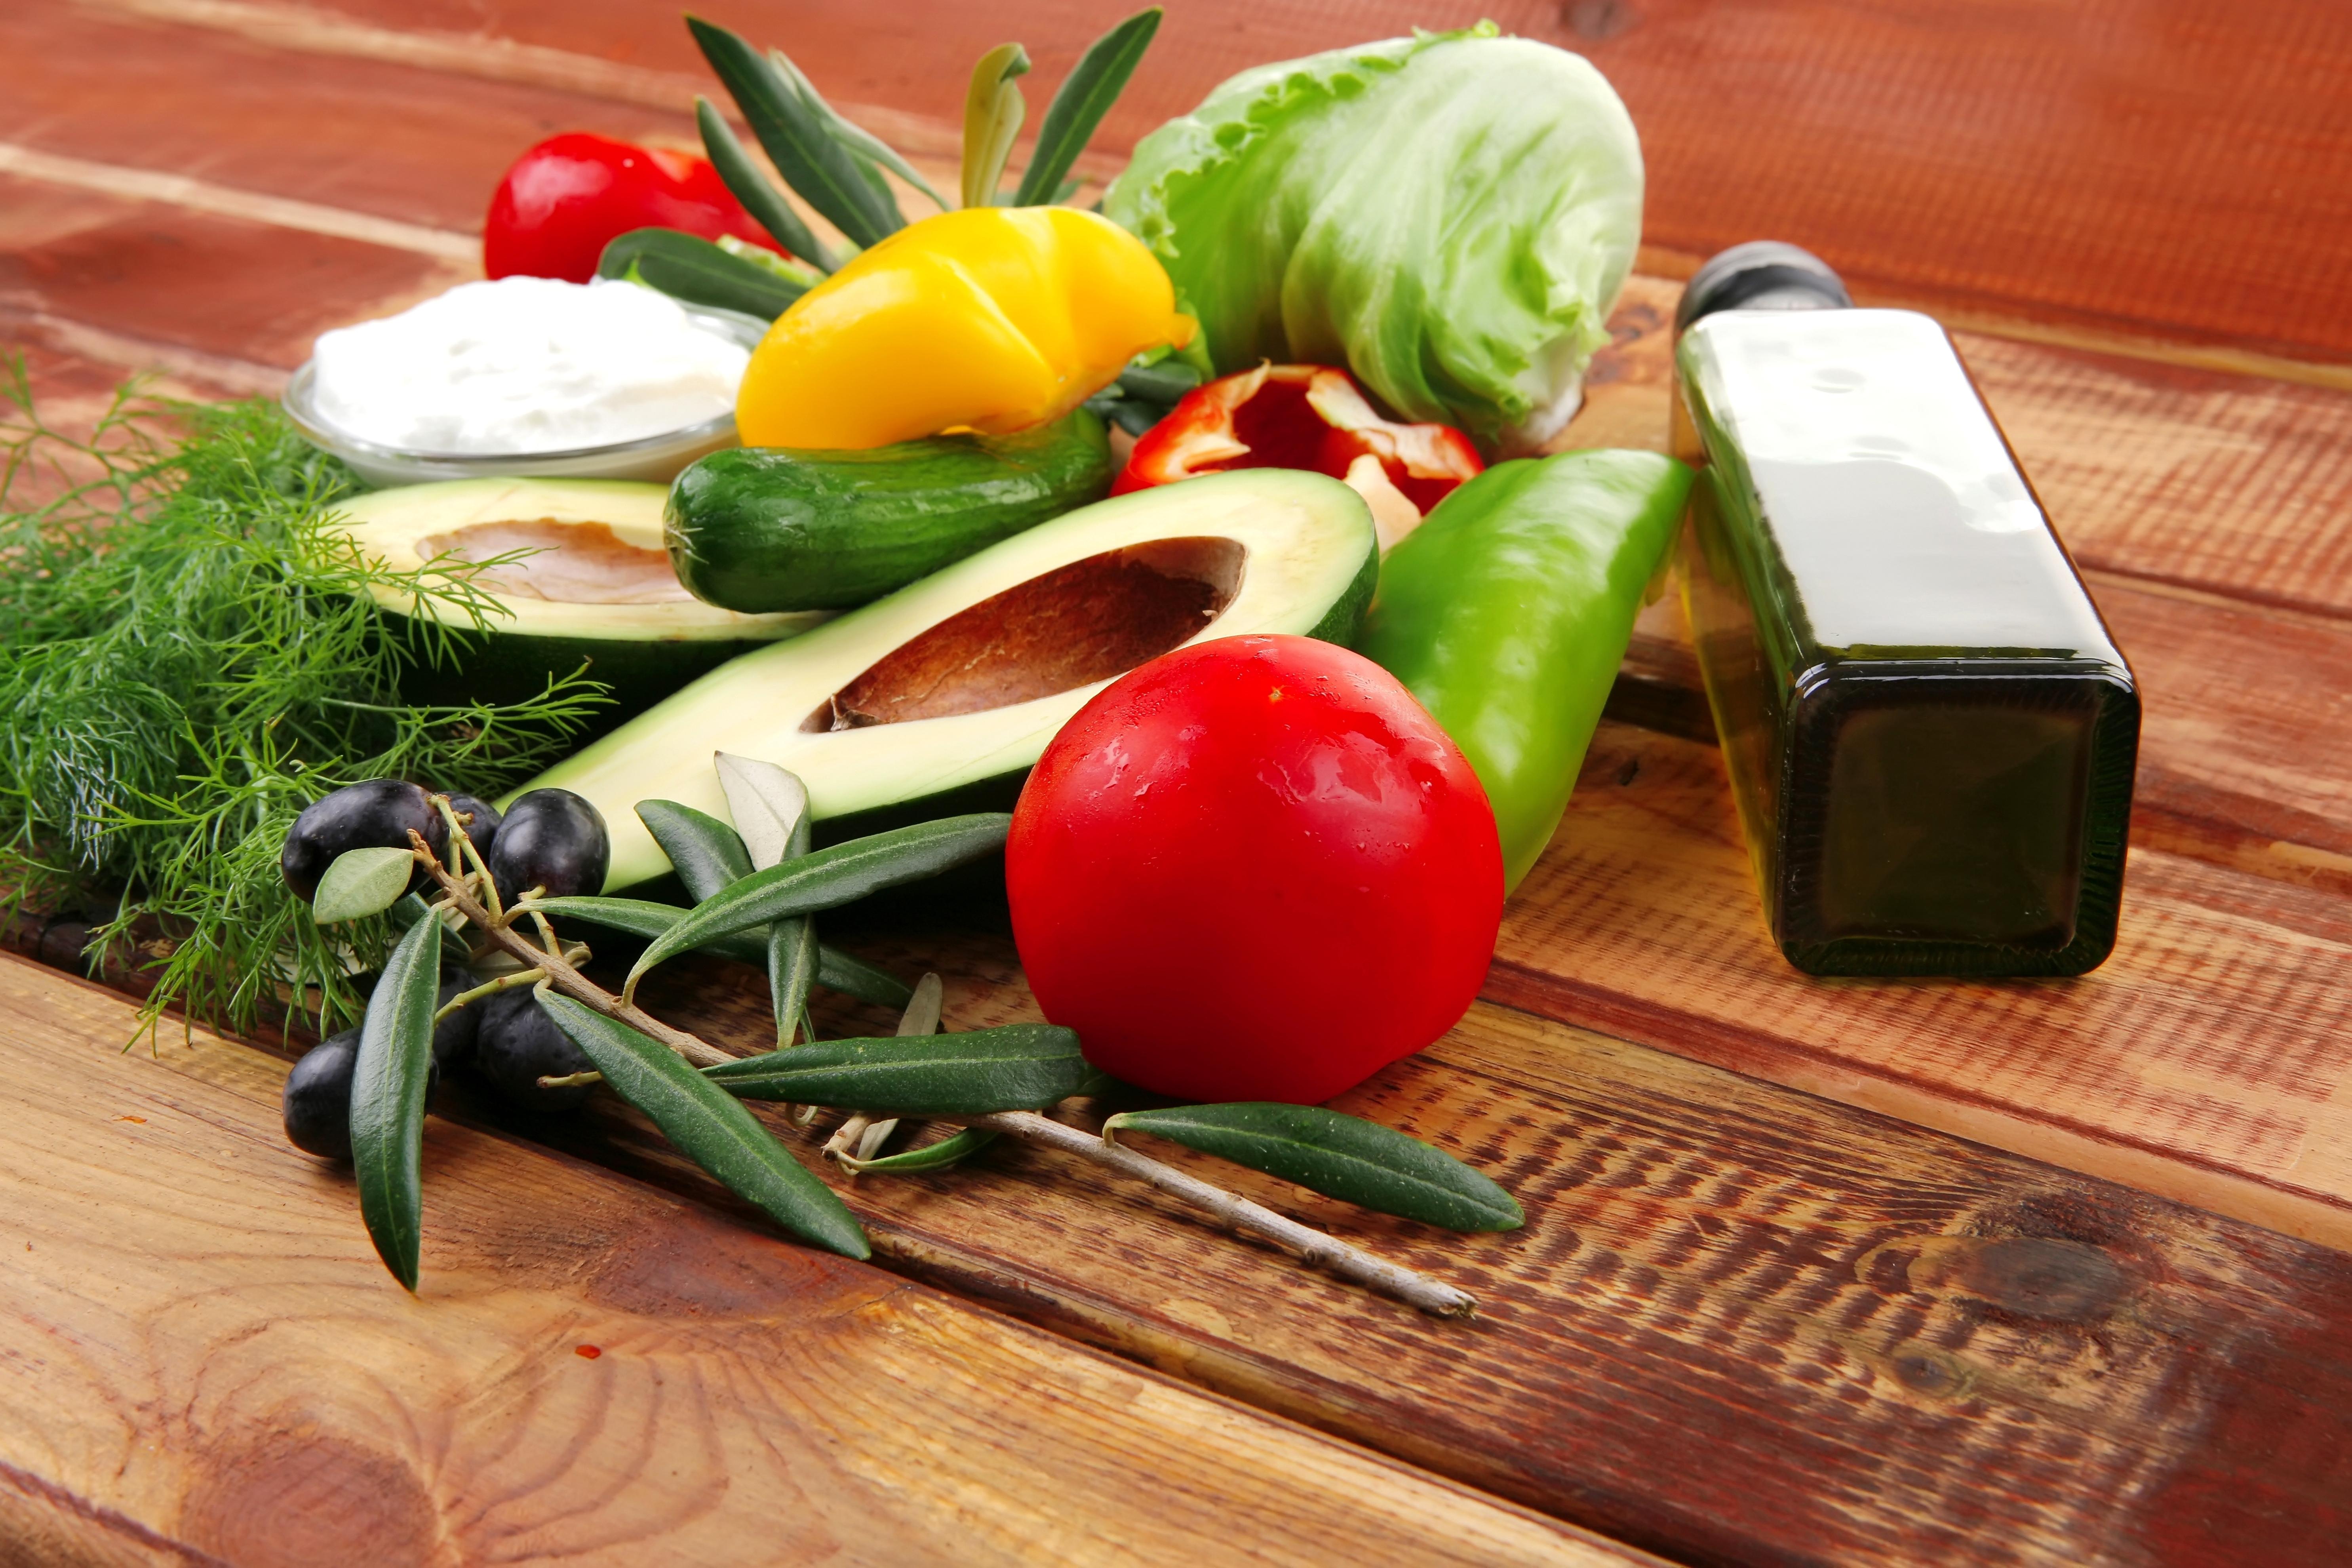 еда оливки масло  № 2107876 загрузить